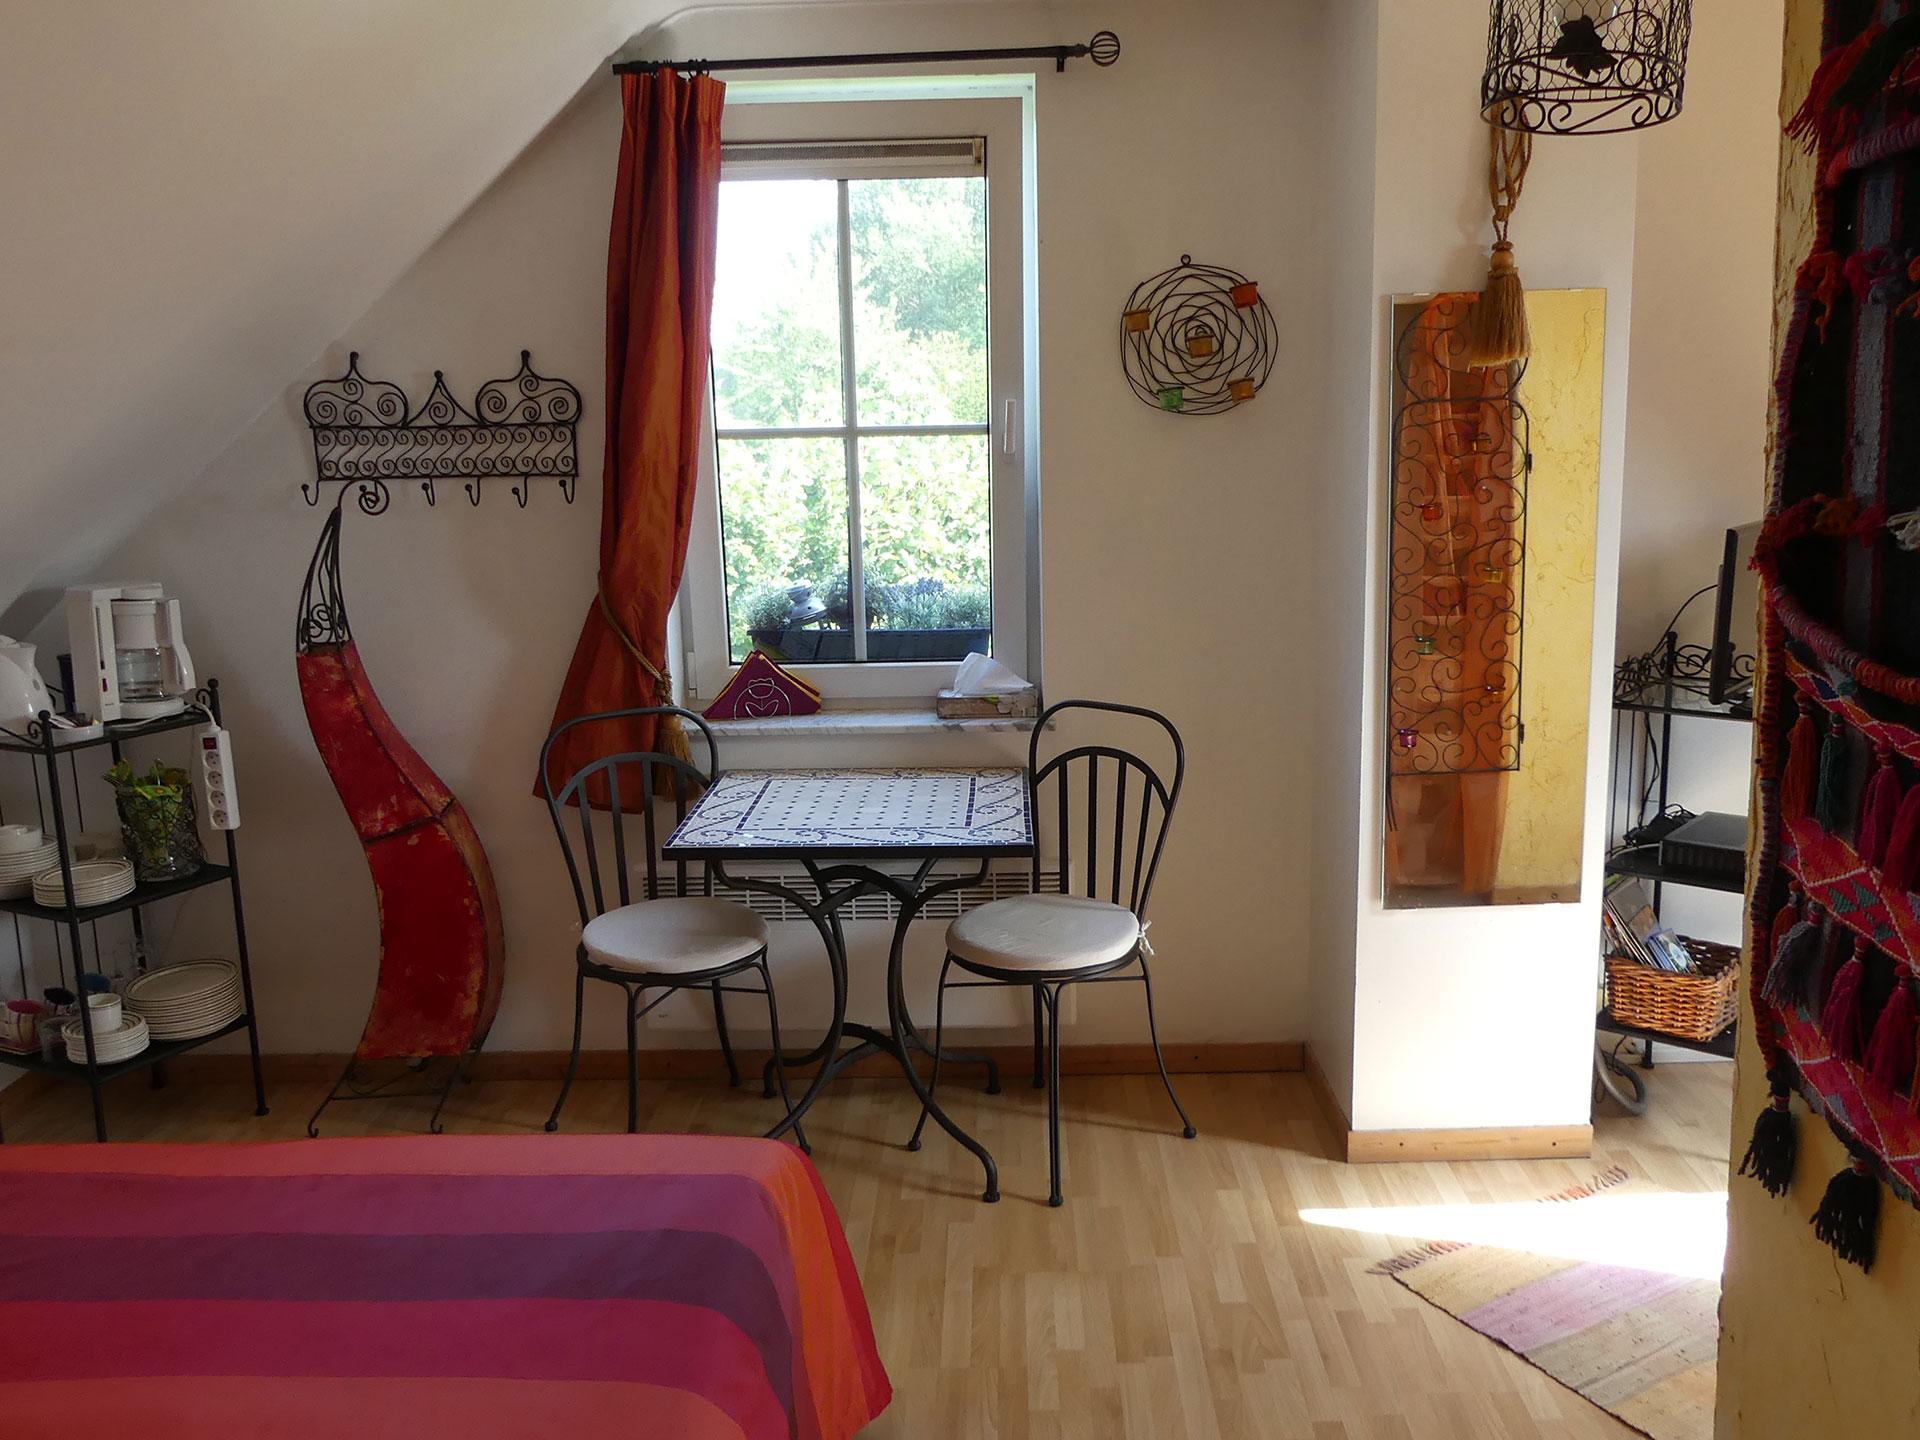 Maison d'hôtes - La Mazerine - Bassilly